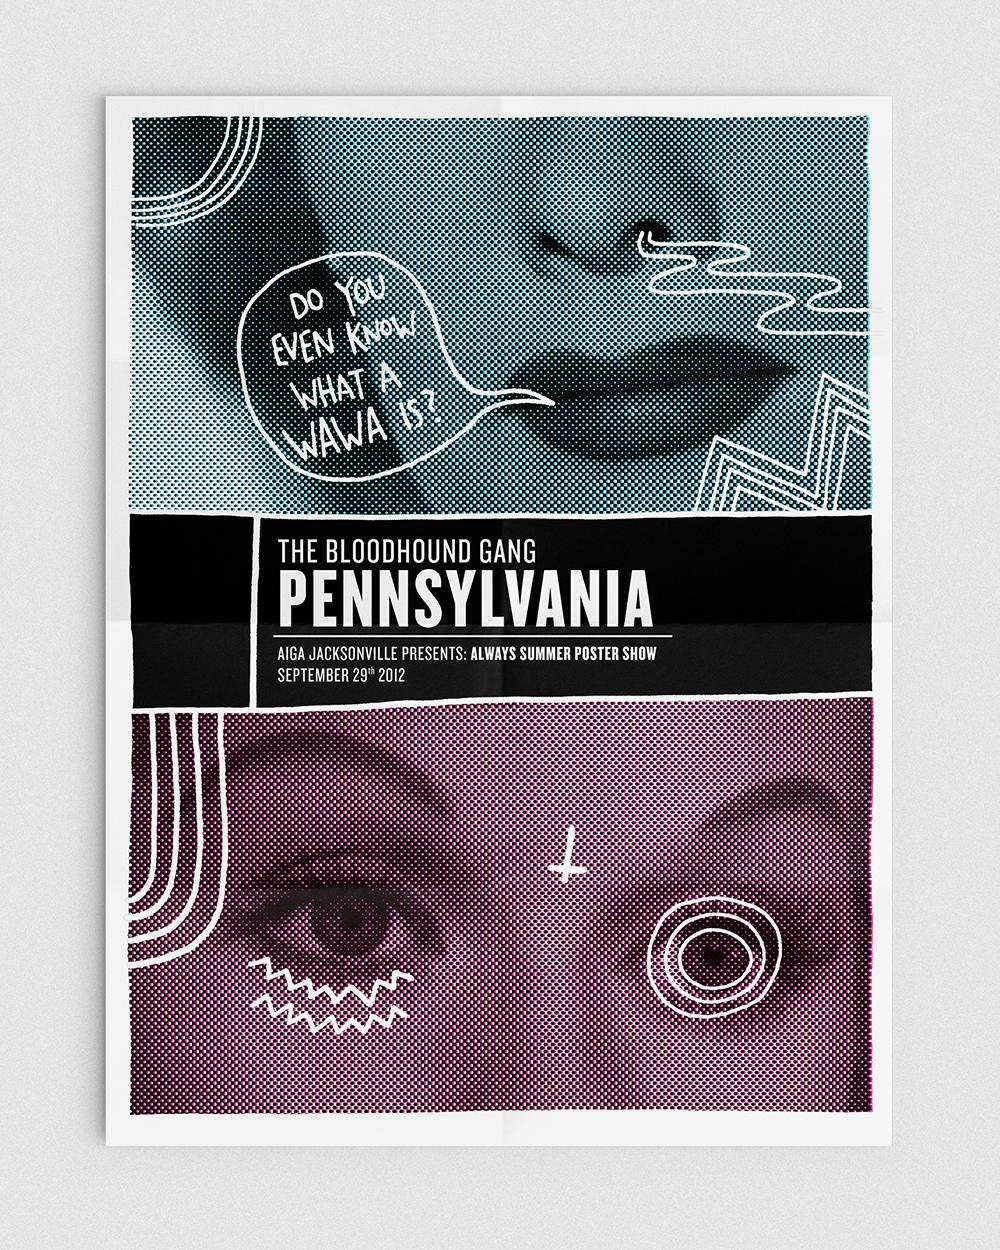 Penn_Poster_Mockup.jpg